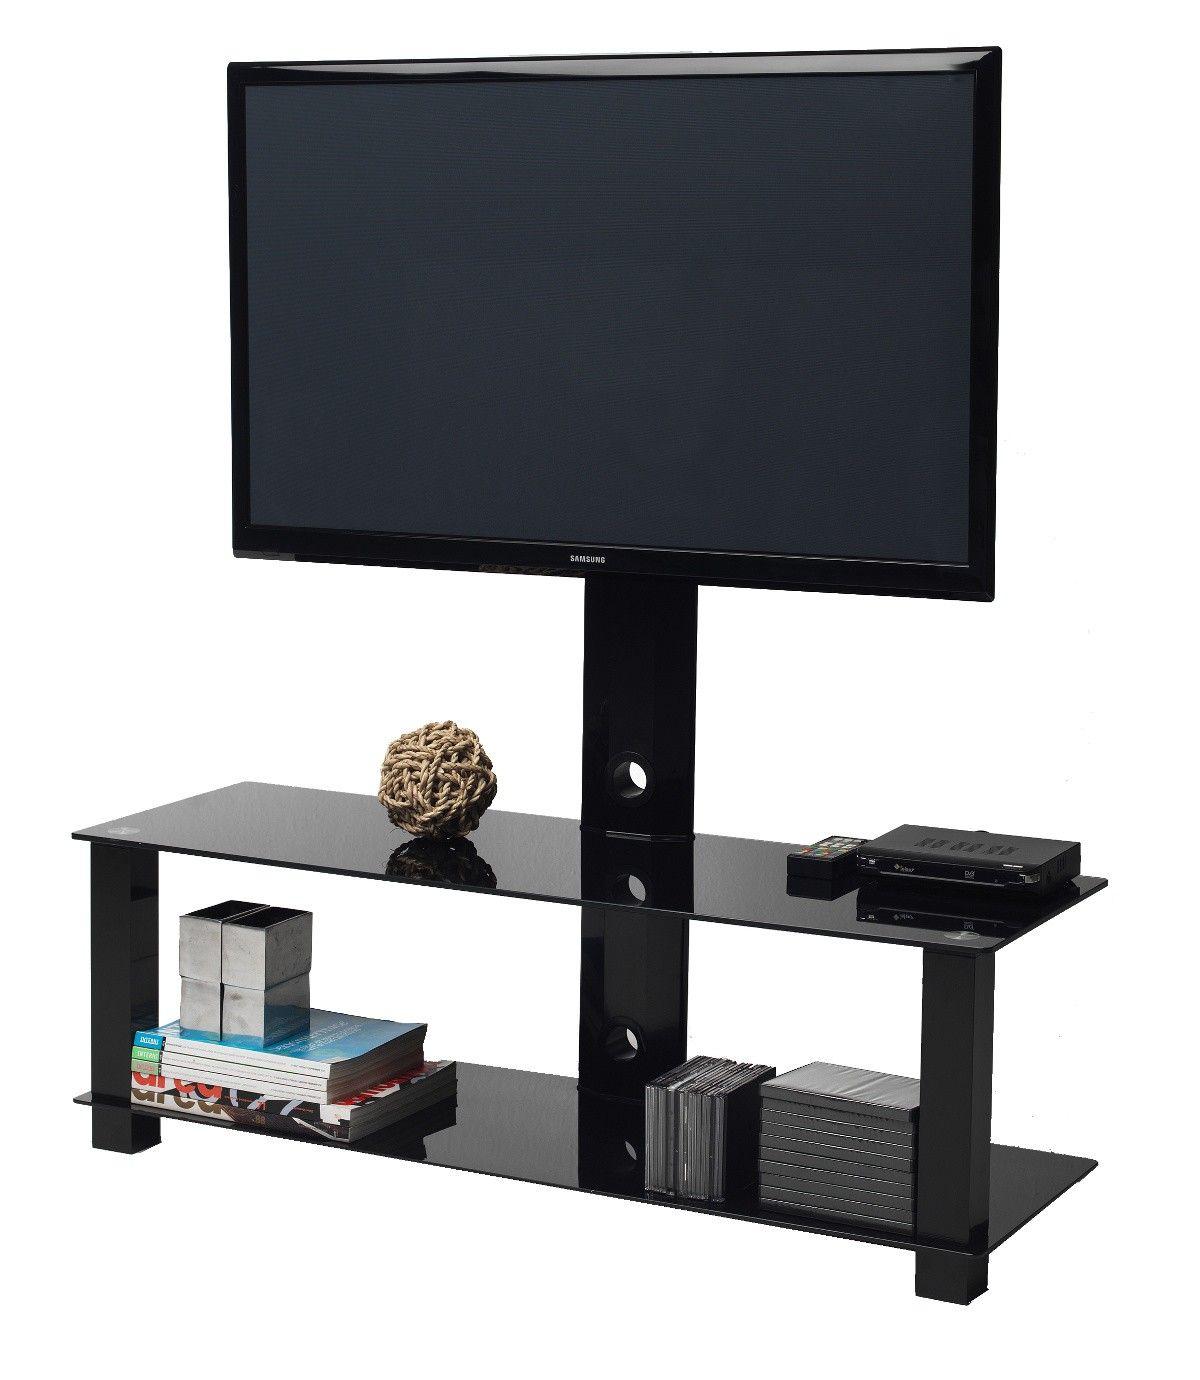 Staffa Porta Tv Plasma.Mobile Porta Tv M4001l Staffa Girevole In Metallo 60 Pollici Living Spaces Tv Mobile